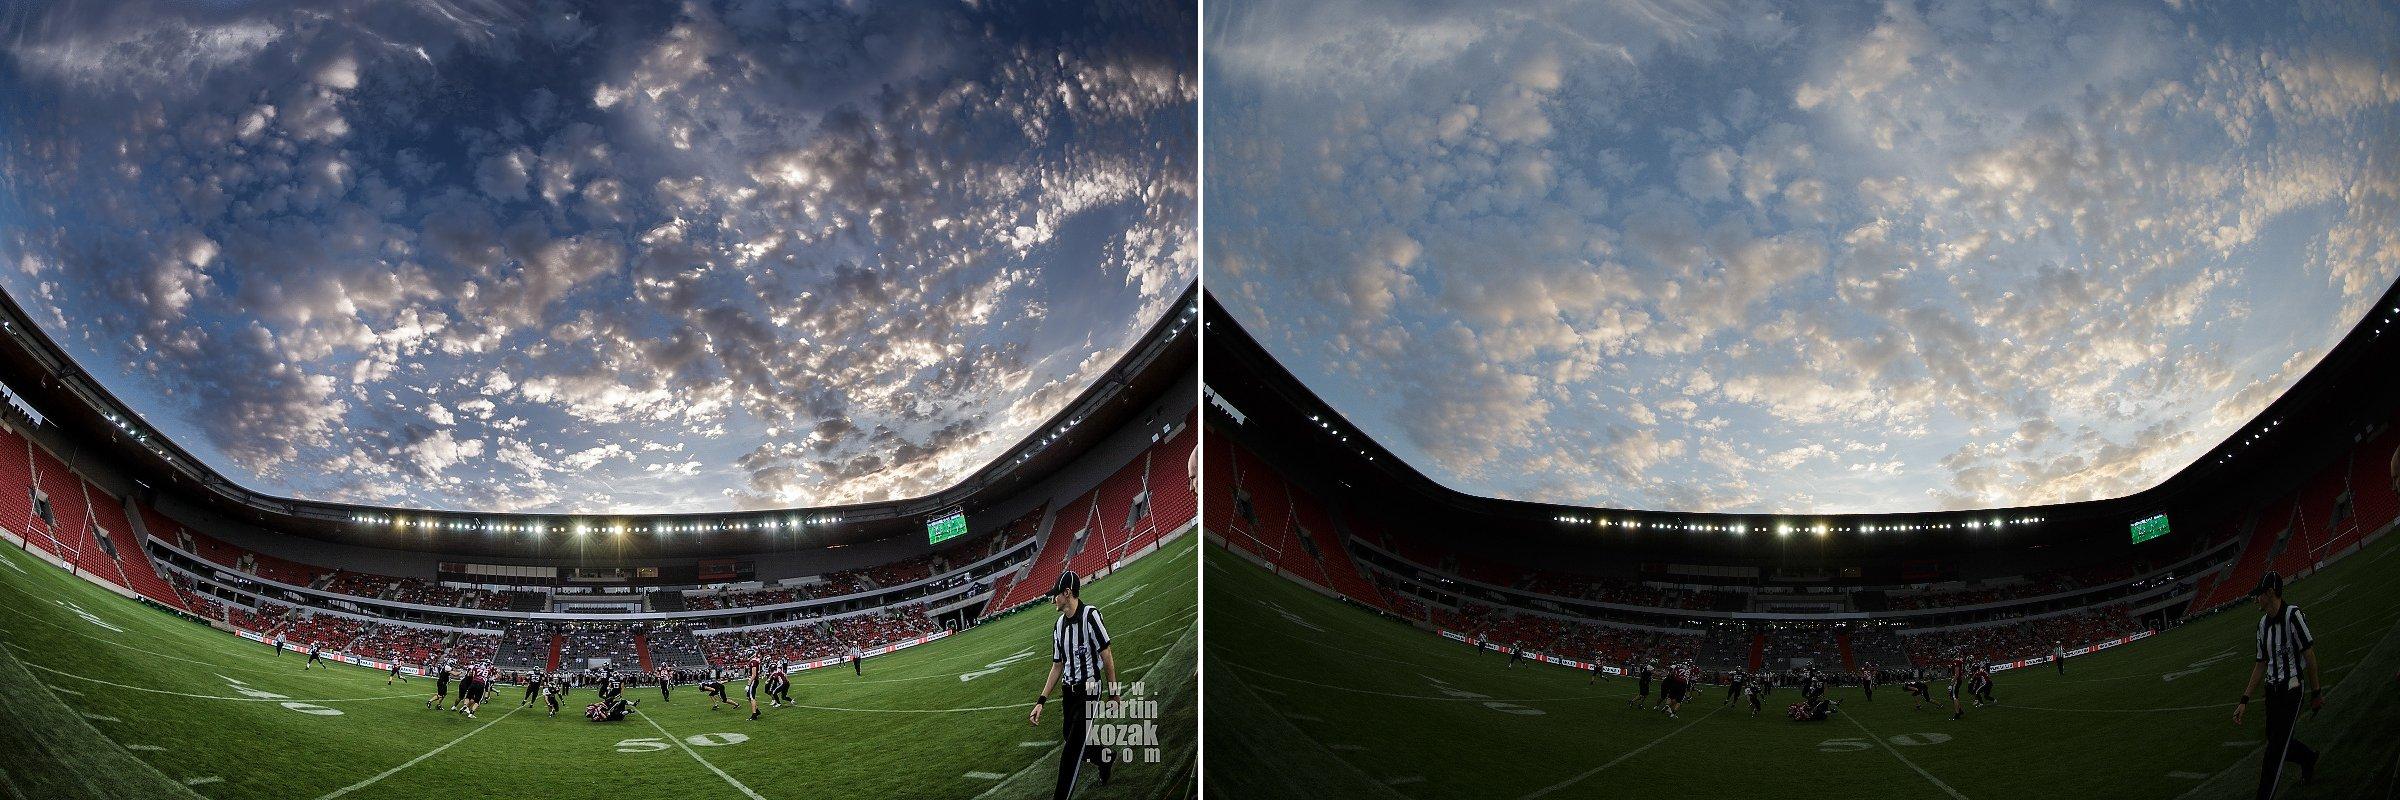 Vytažení stínů ve spodní části, ztmavení oblohy, lokální kontrast, saturace